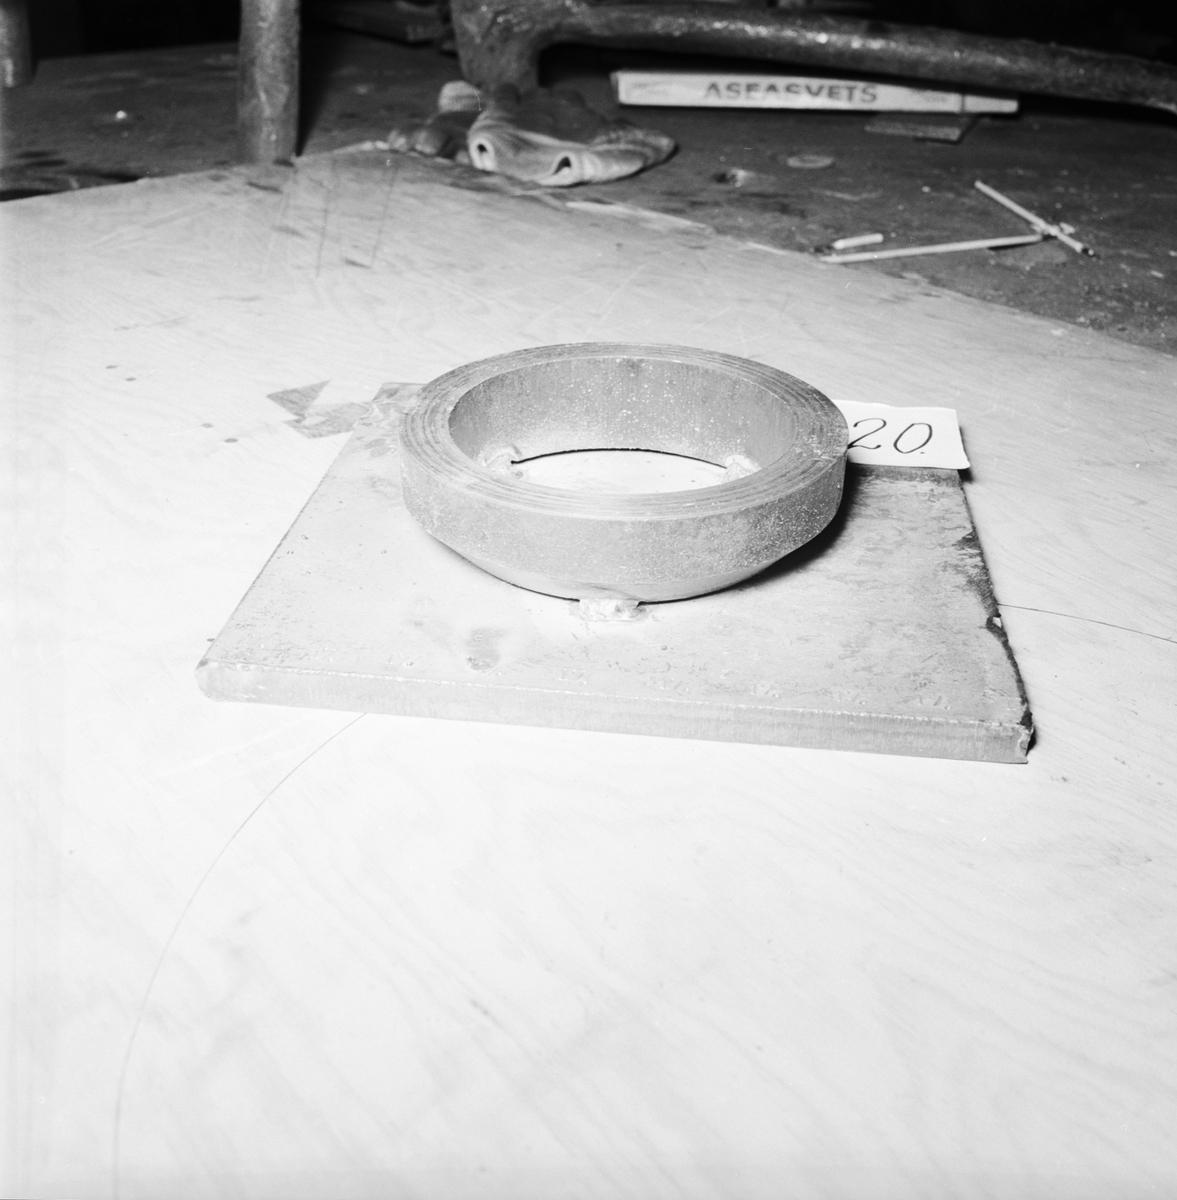 Övrigt: Foto datum: 15/5 1966 Byggnader och kranar Prov för stycksvetsning